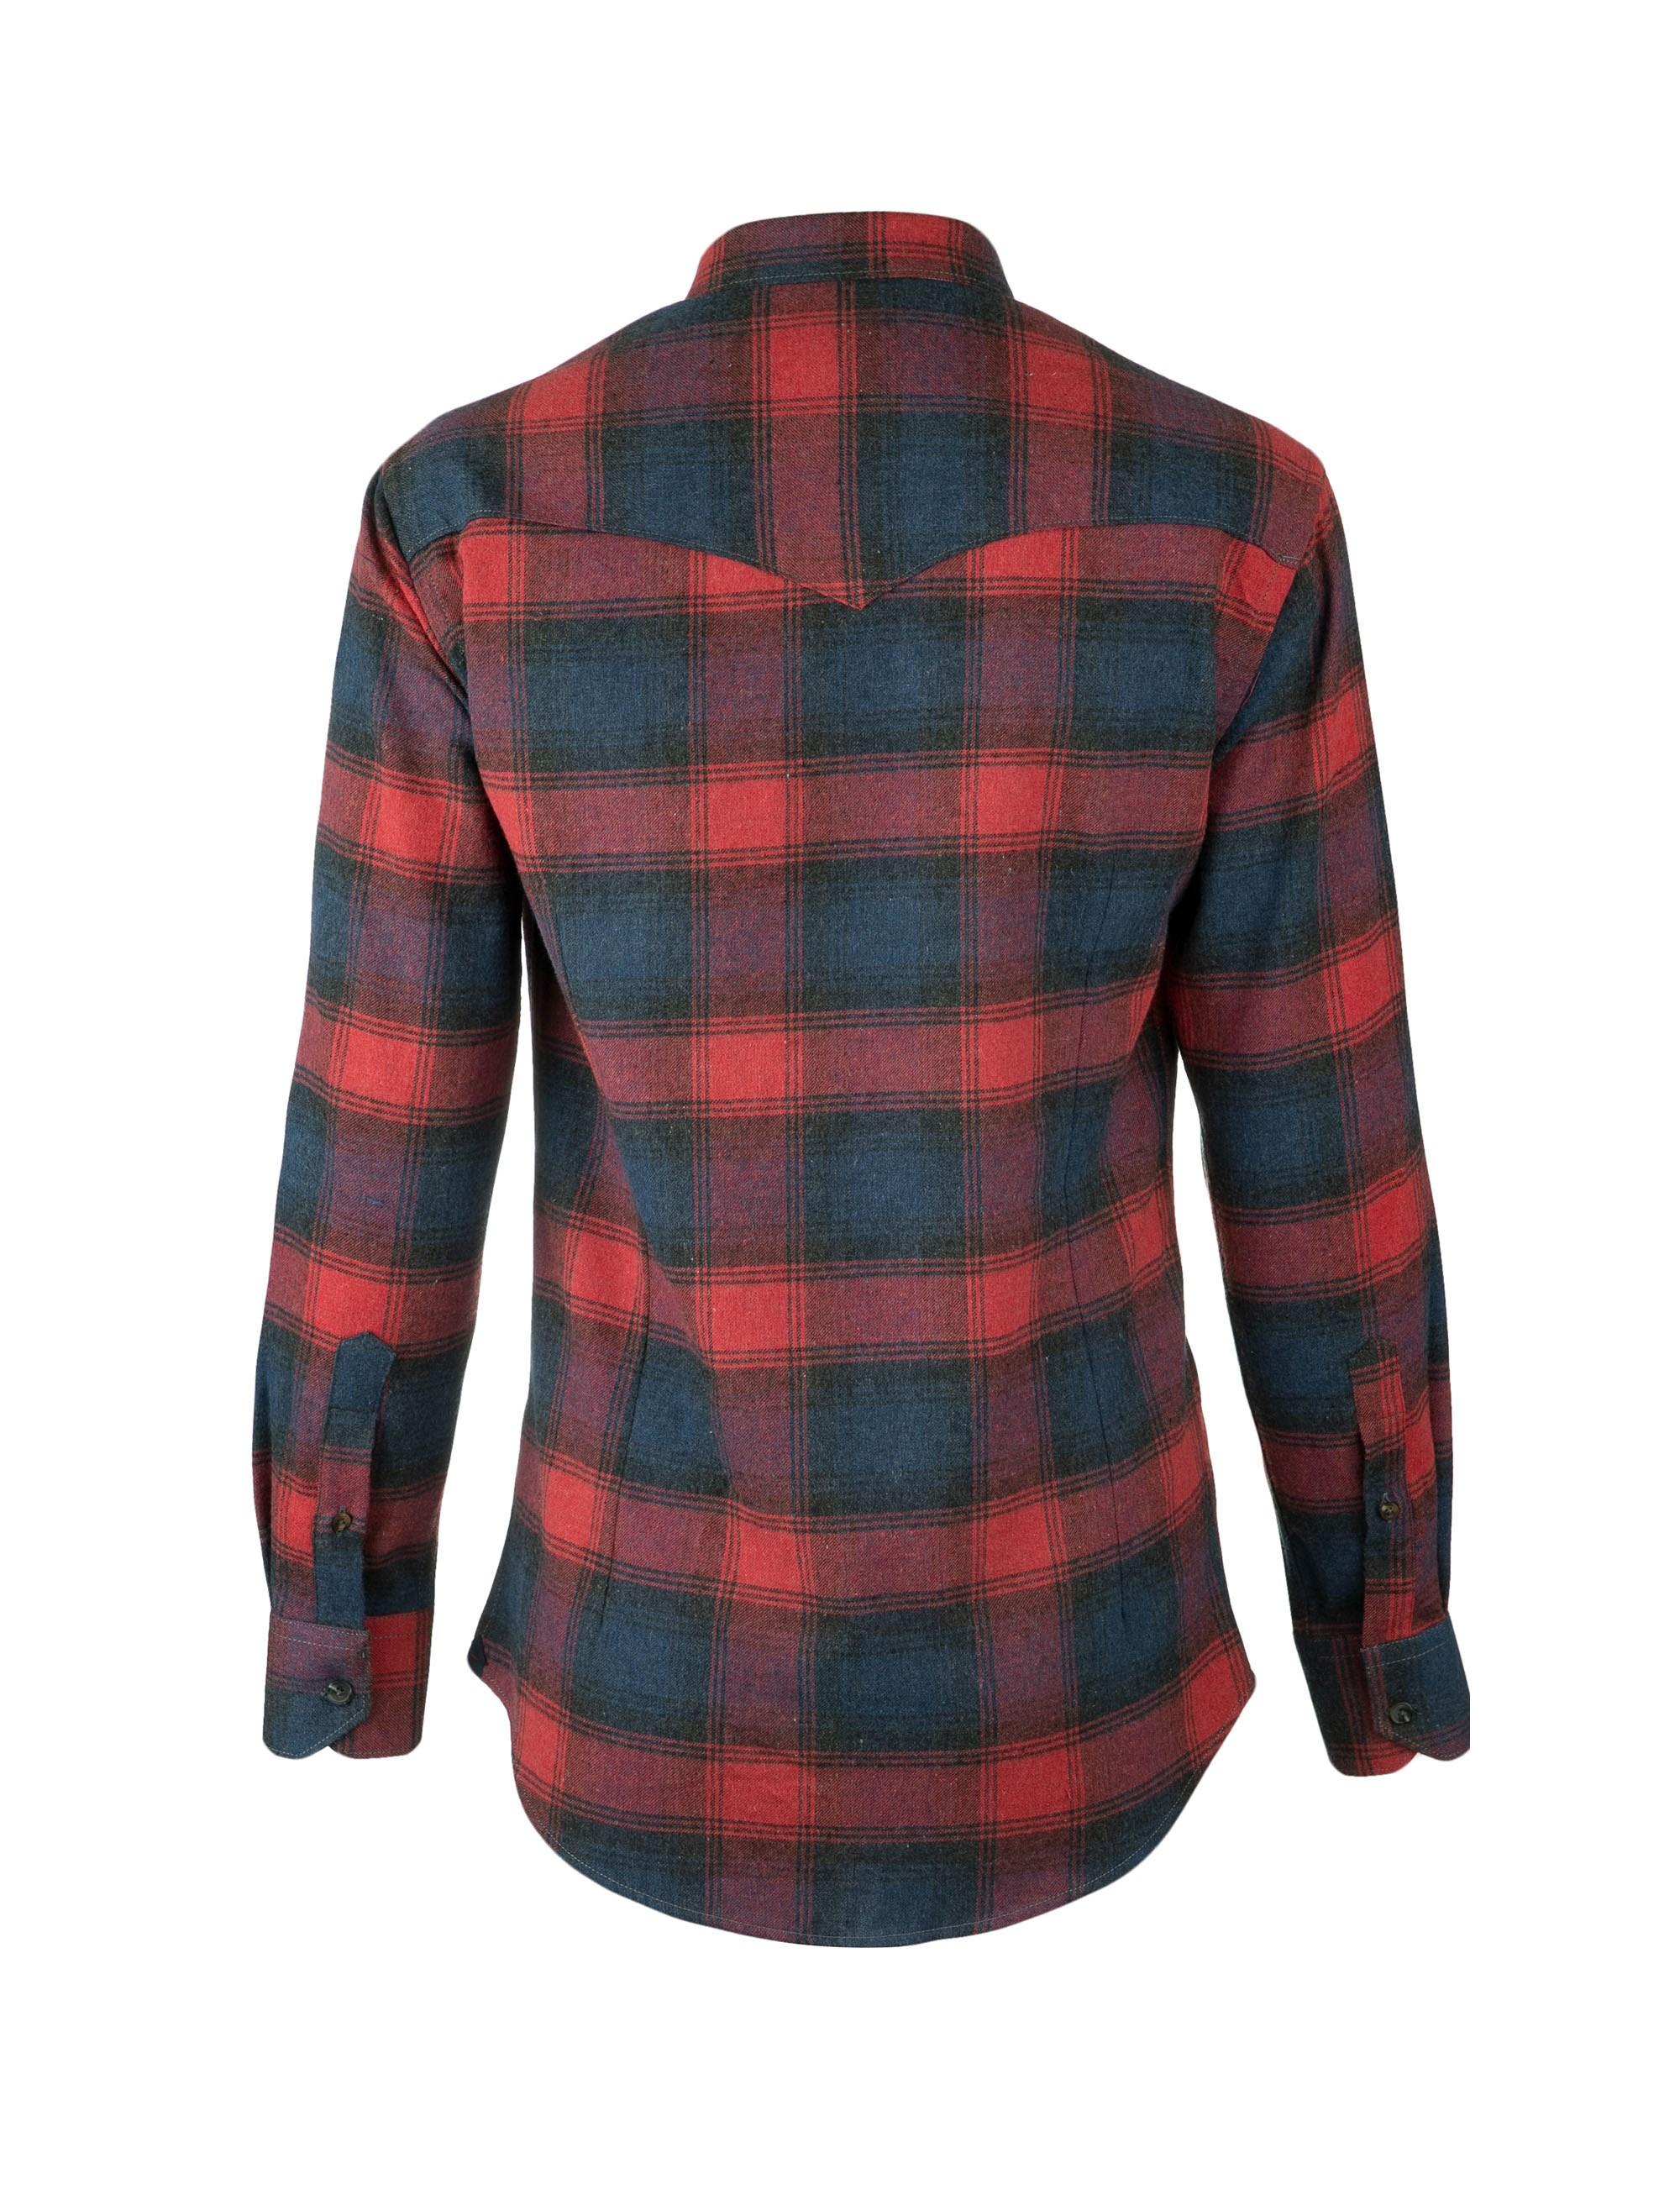 پیراهن نخی آستین بلند مردانه - زی - سرمه اي و طوسي - 3